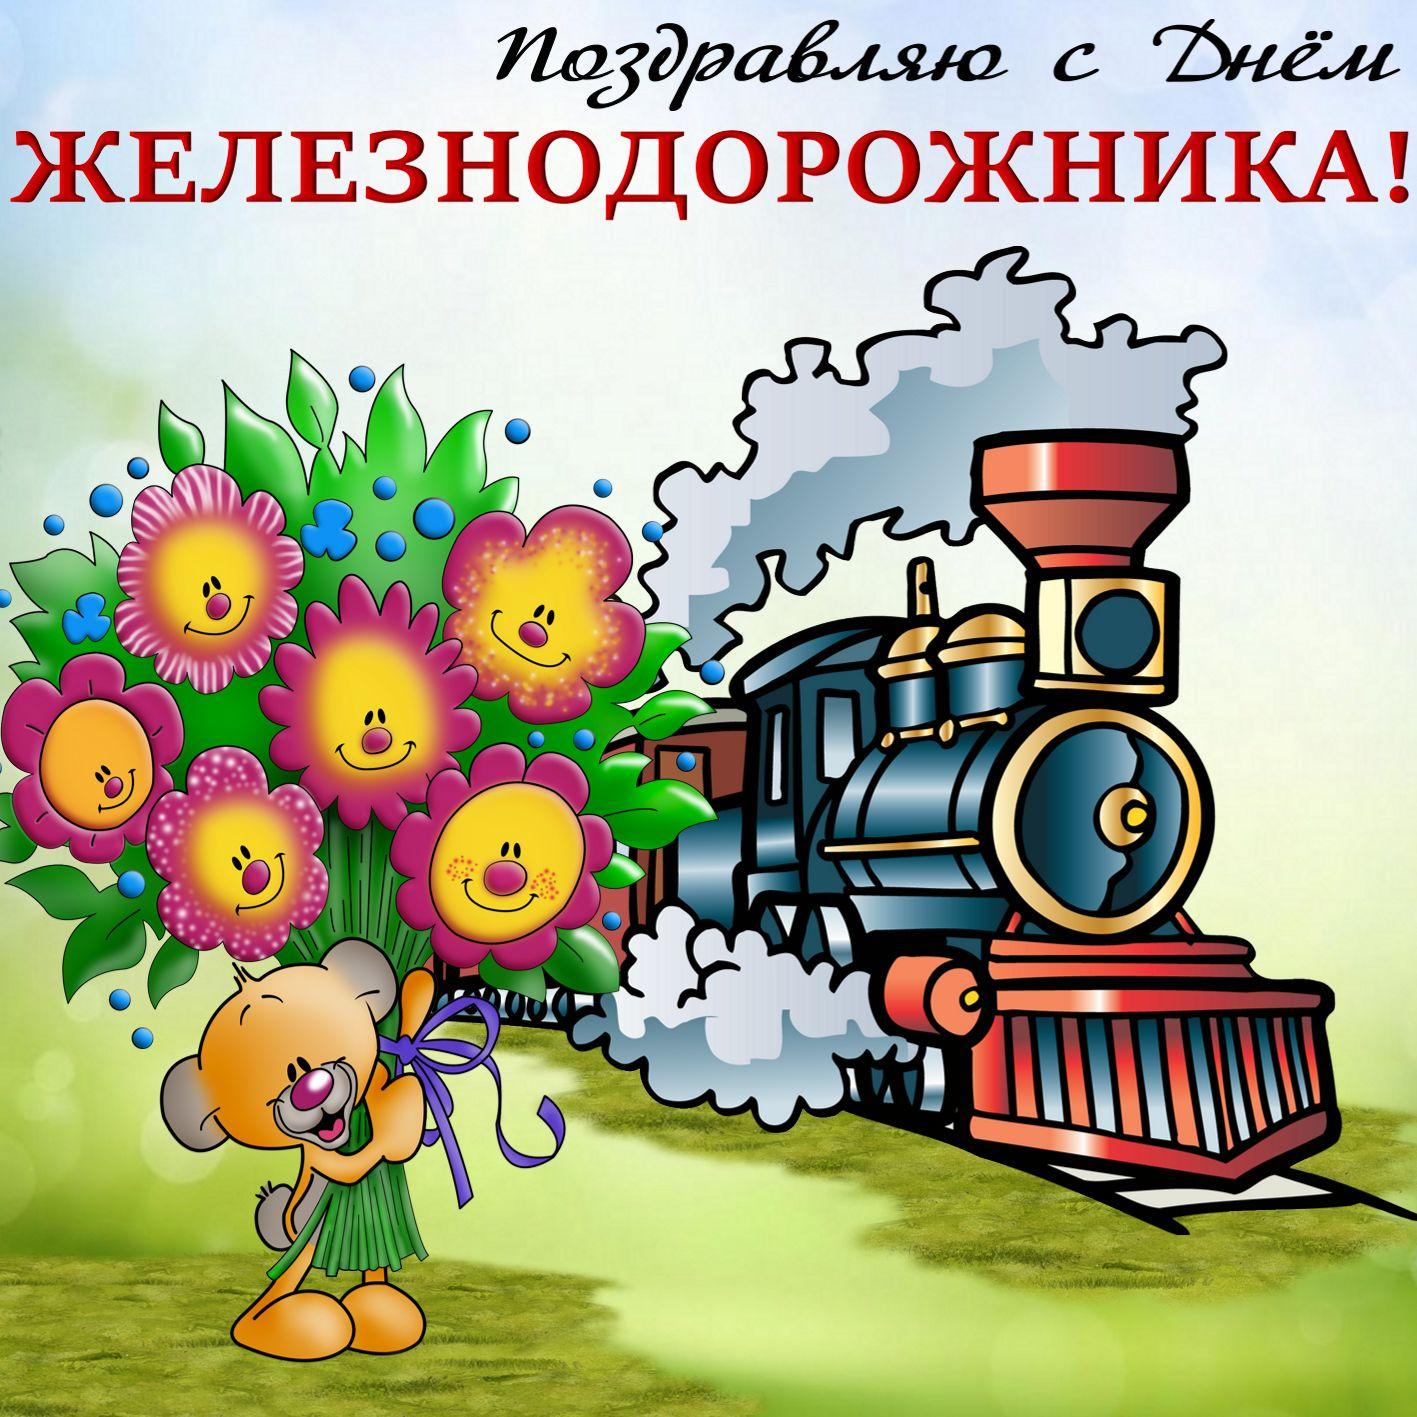 Праздник железнодорожников открытки, смешные картинки смешные